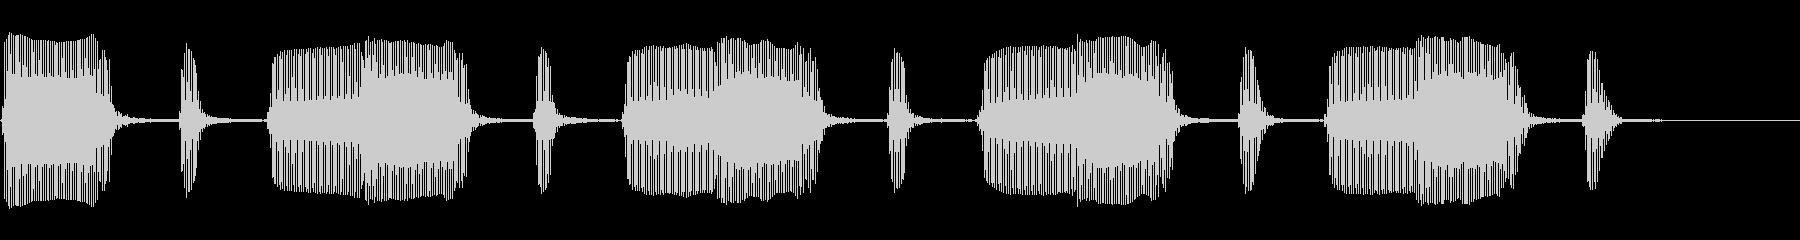 BASSOON:アクセントに沿った...の未再生の波形